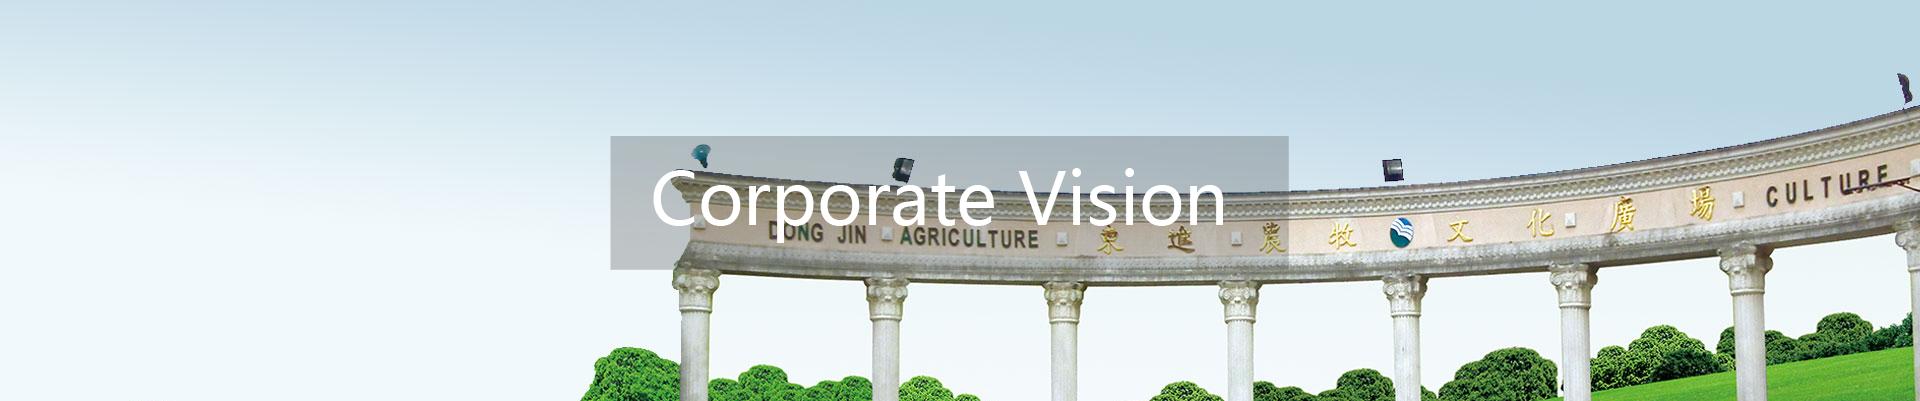 企业愿景-Banner